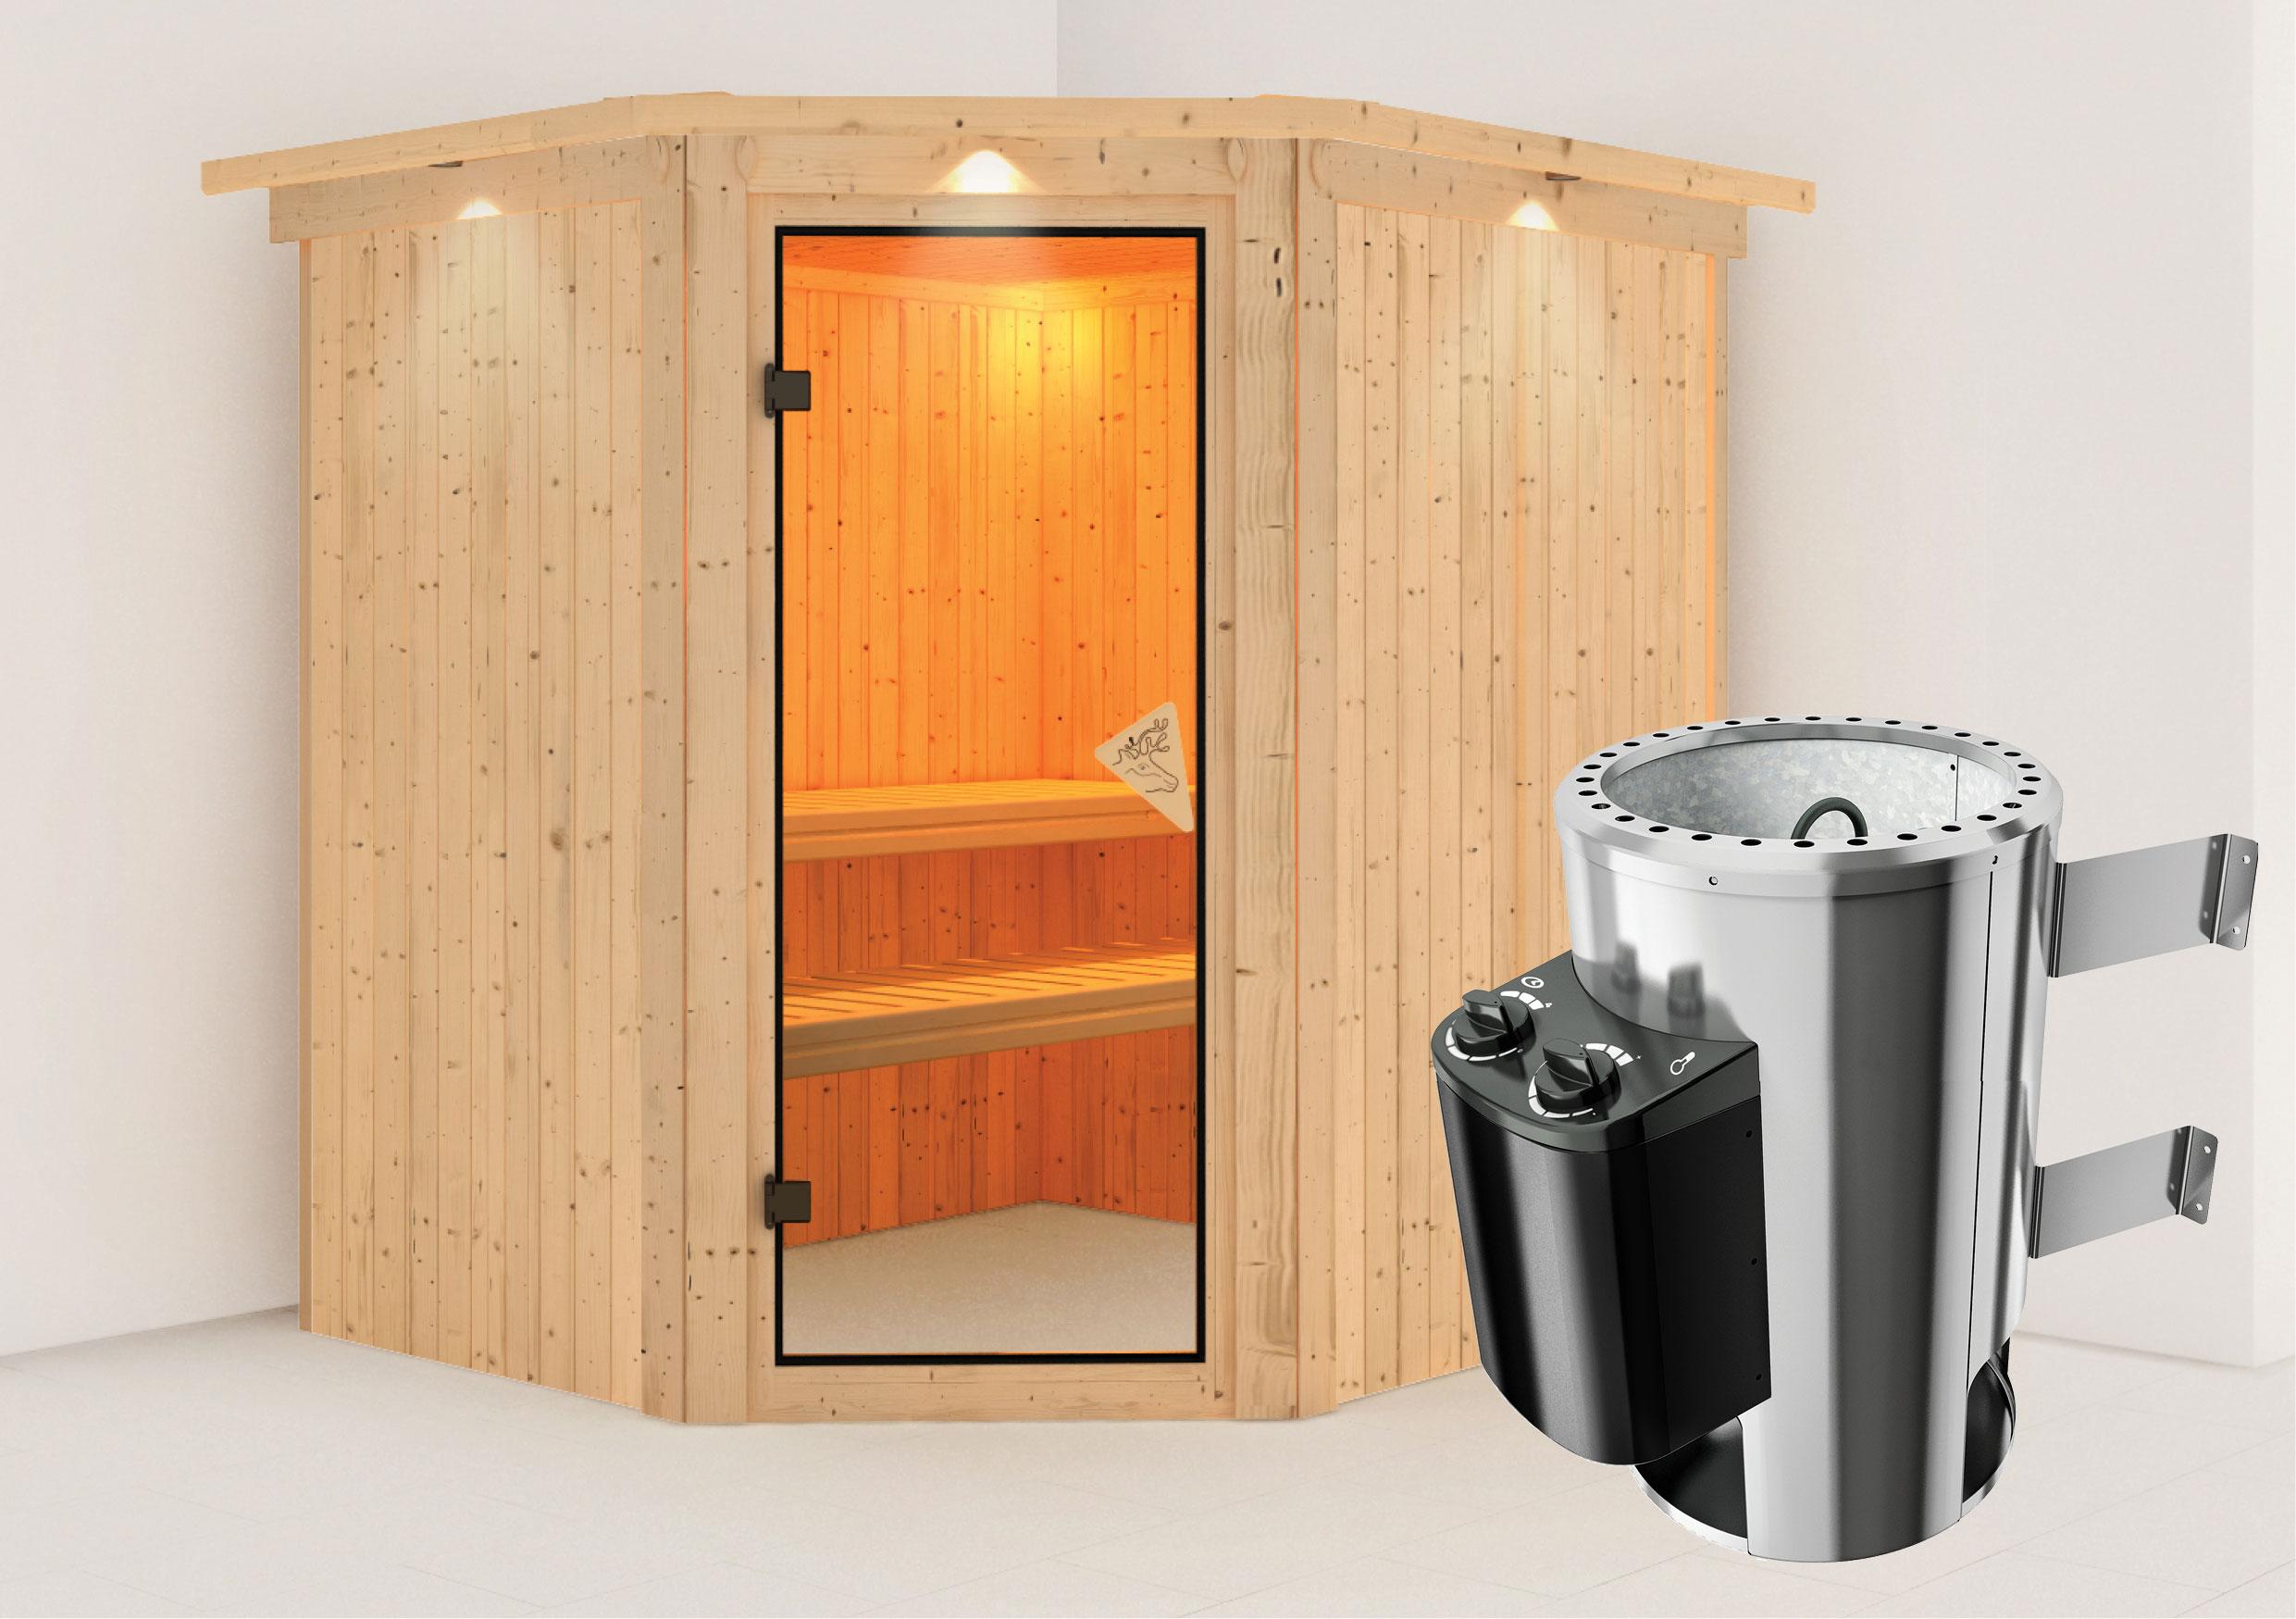 Karibu Sauna Lilja 68mm 230V Dachkranz + Ofen 3,6kW intern classic Tür Bild 1